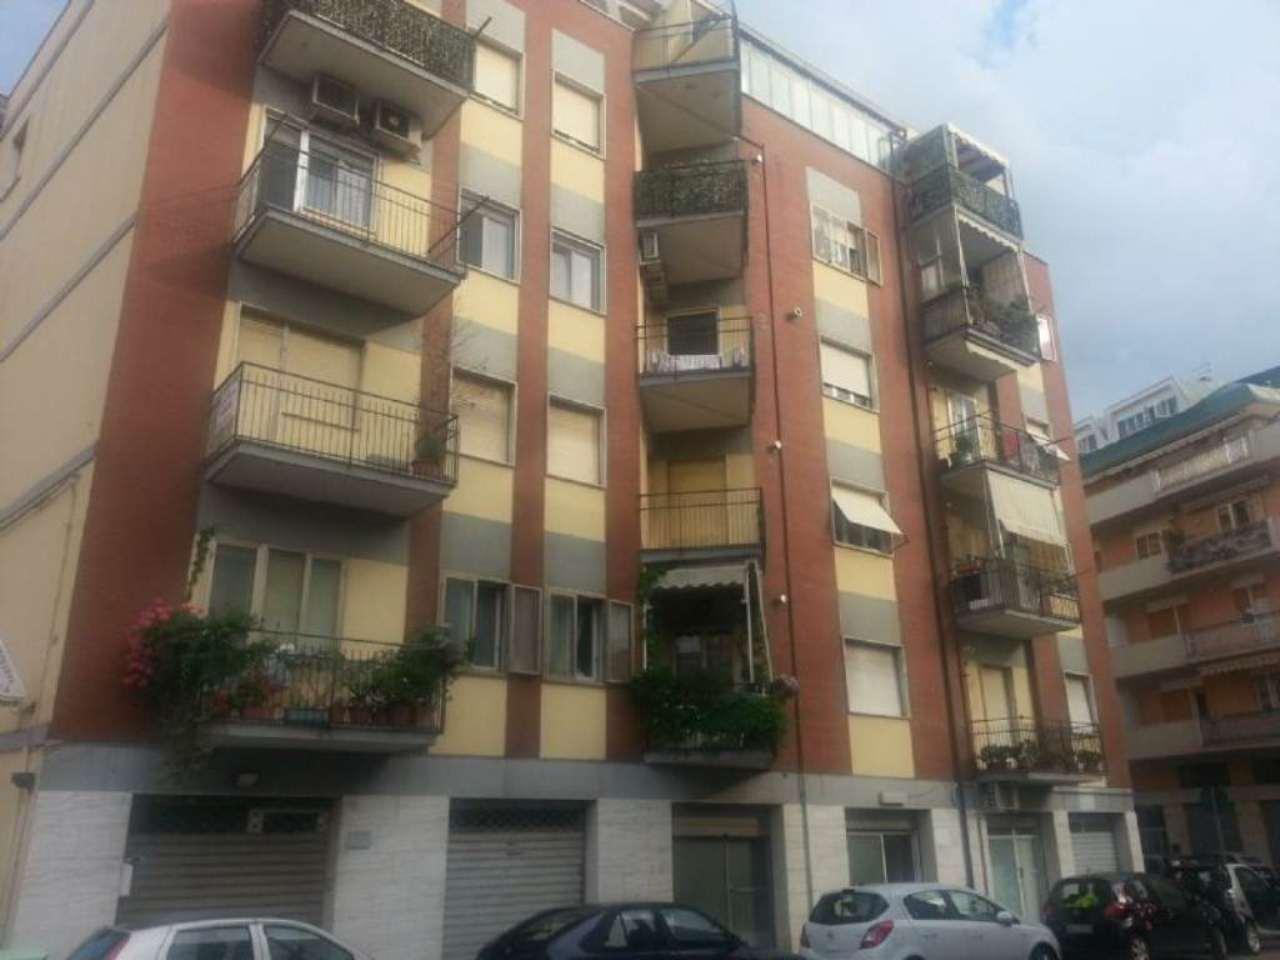 Attico / Mansarda in affitto a Montesilvano, 2 locali, prezzo € 550 | CambioCasa.it